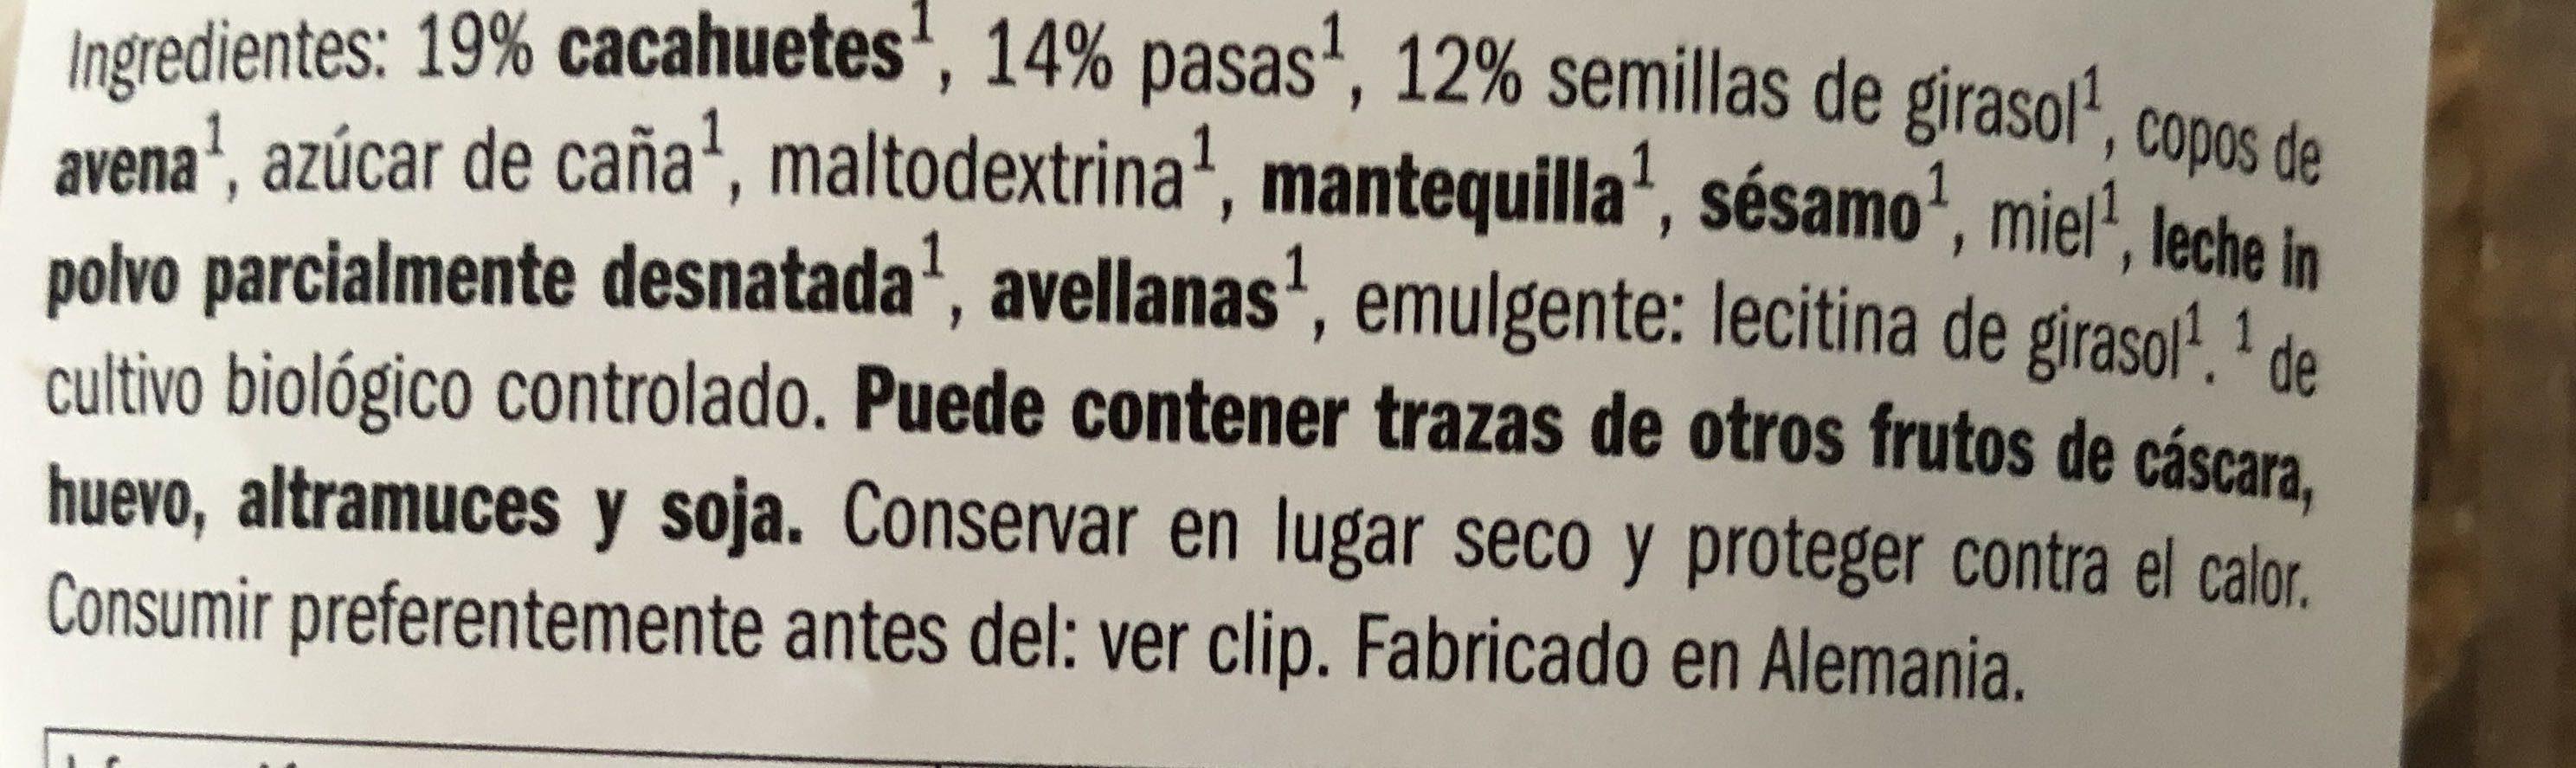 BIO cacahuete y anacardo - Ingredientes - es